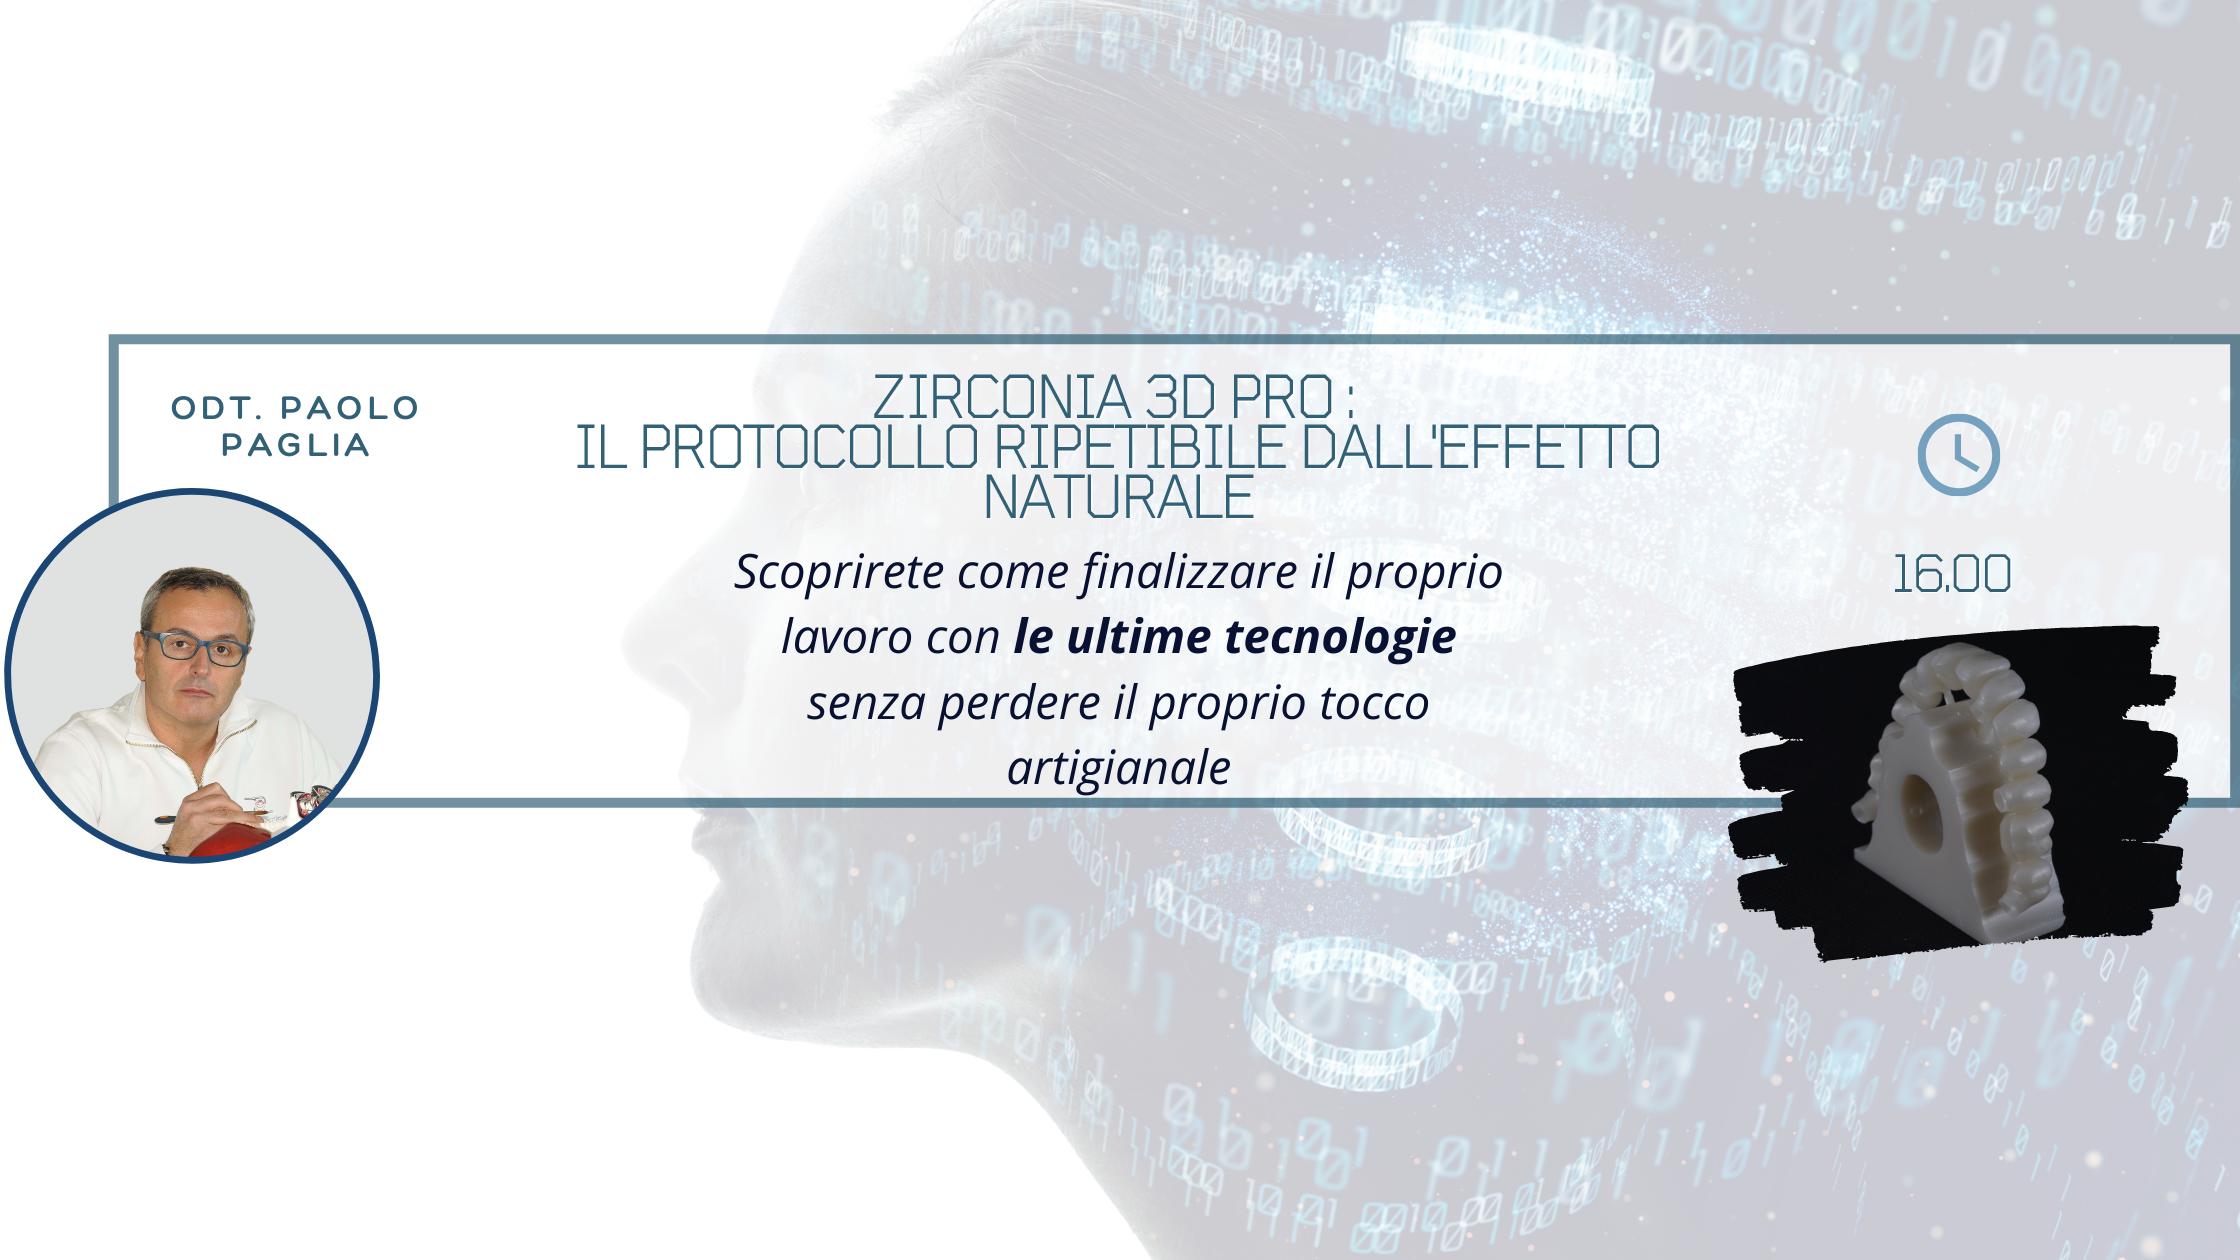 Odt. Paolo Paglia